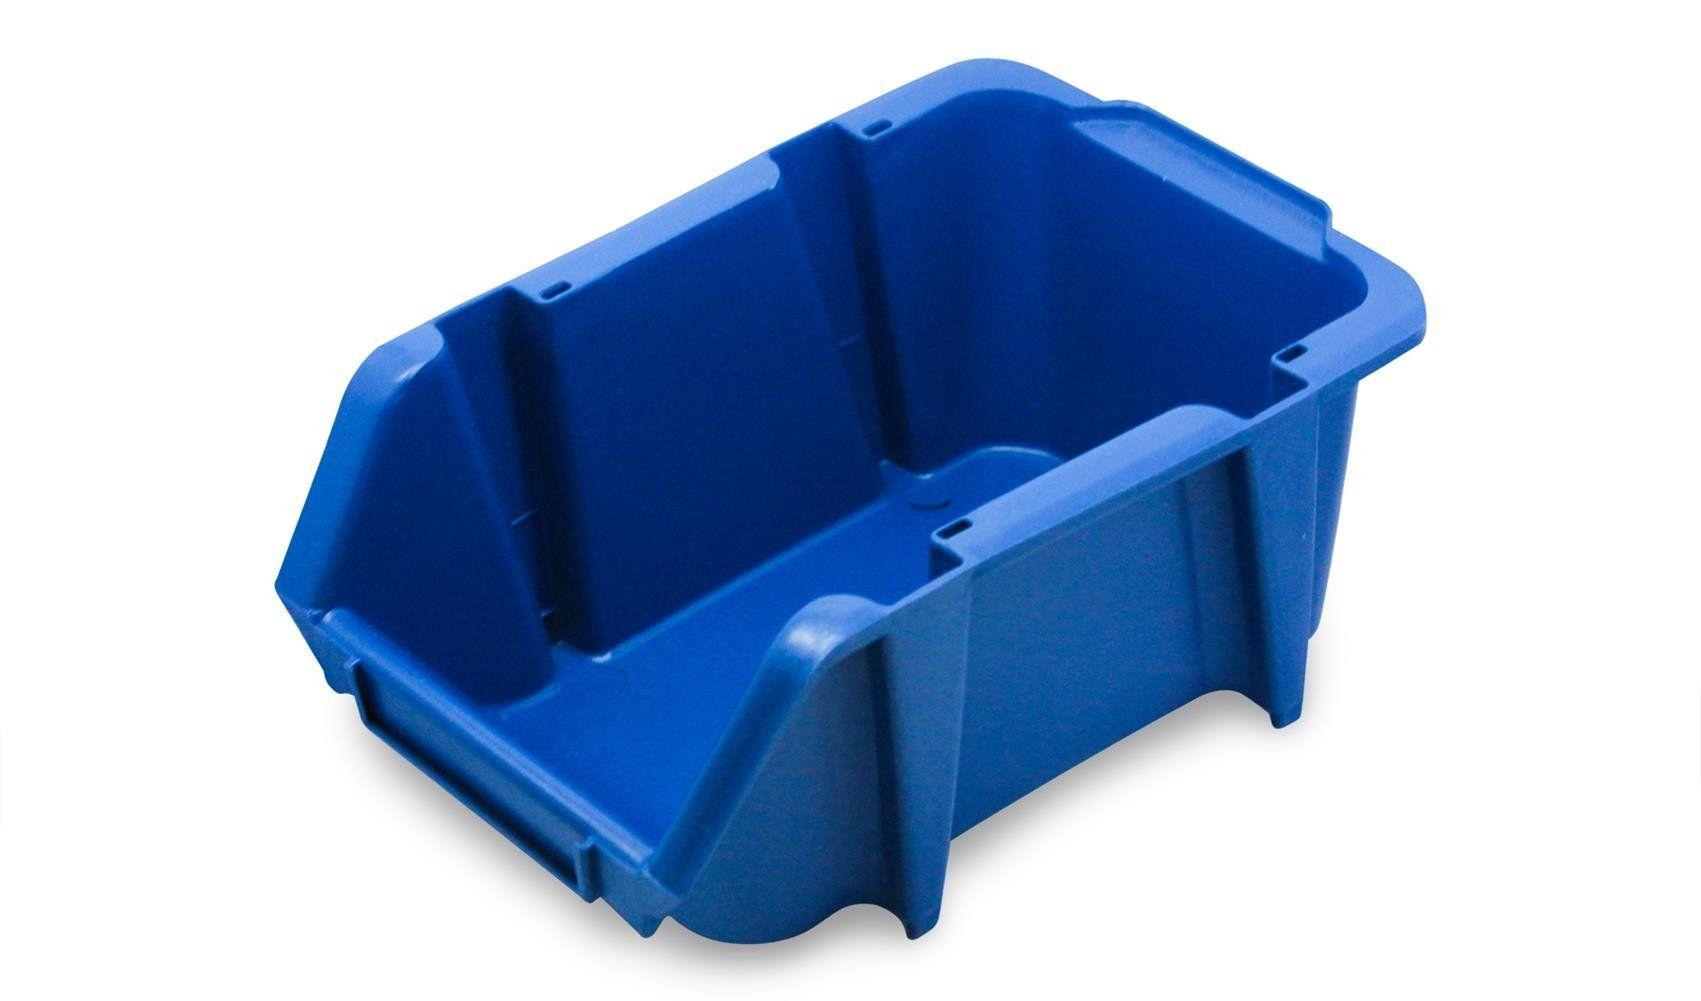 Caixa Bin Organizadora Plástica Nº3 Azul com 60 peças